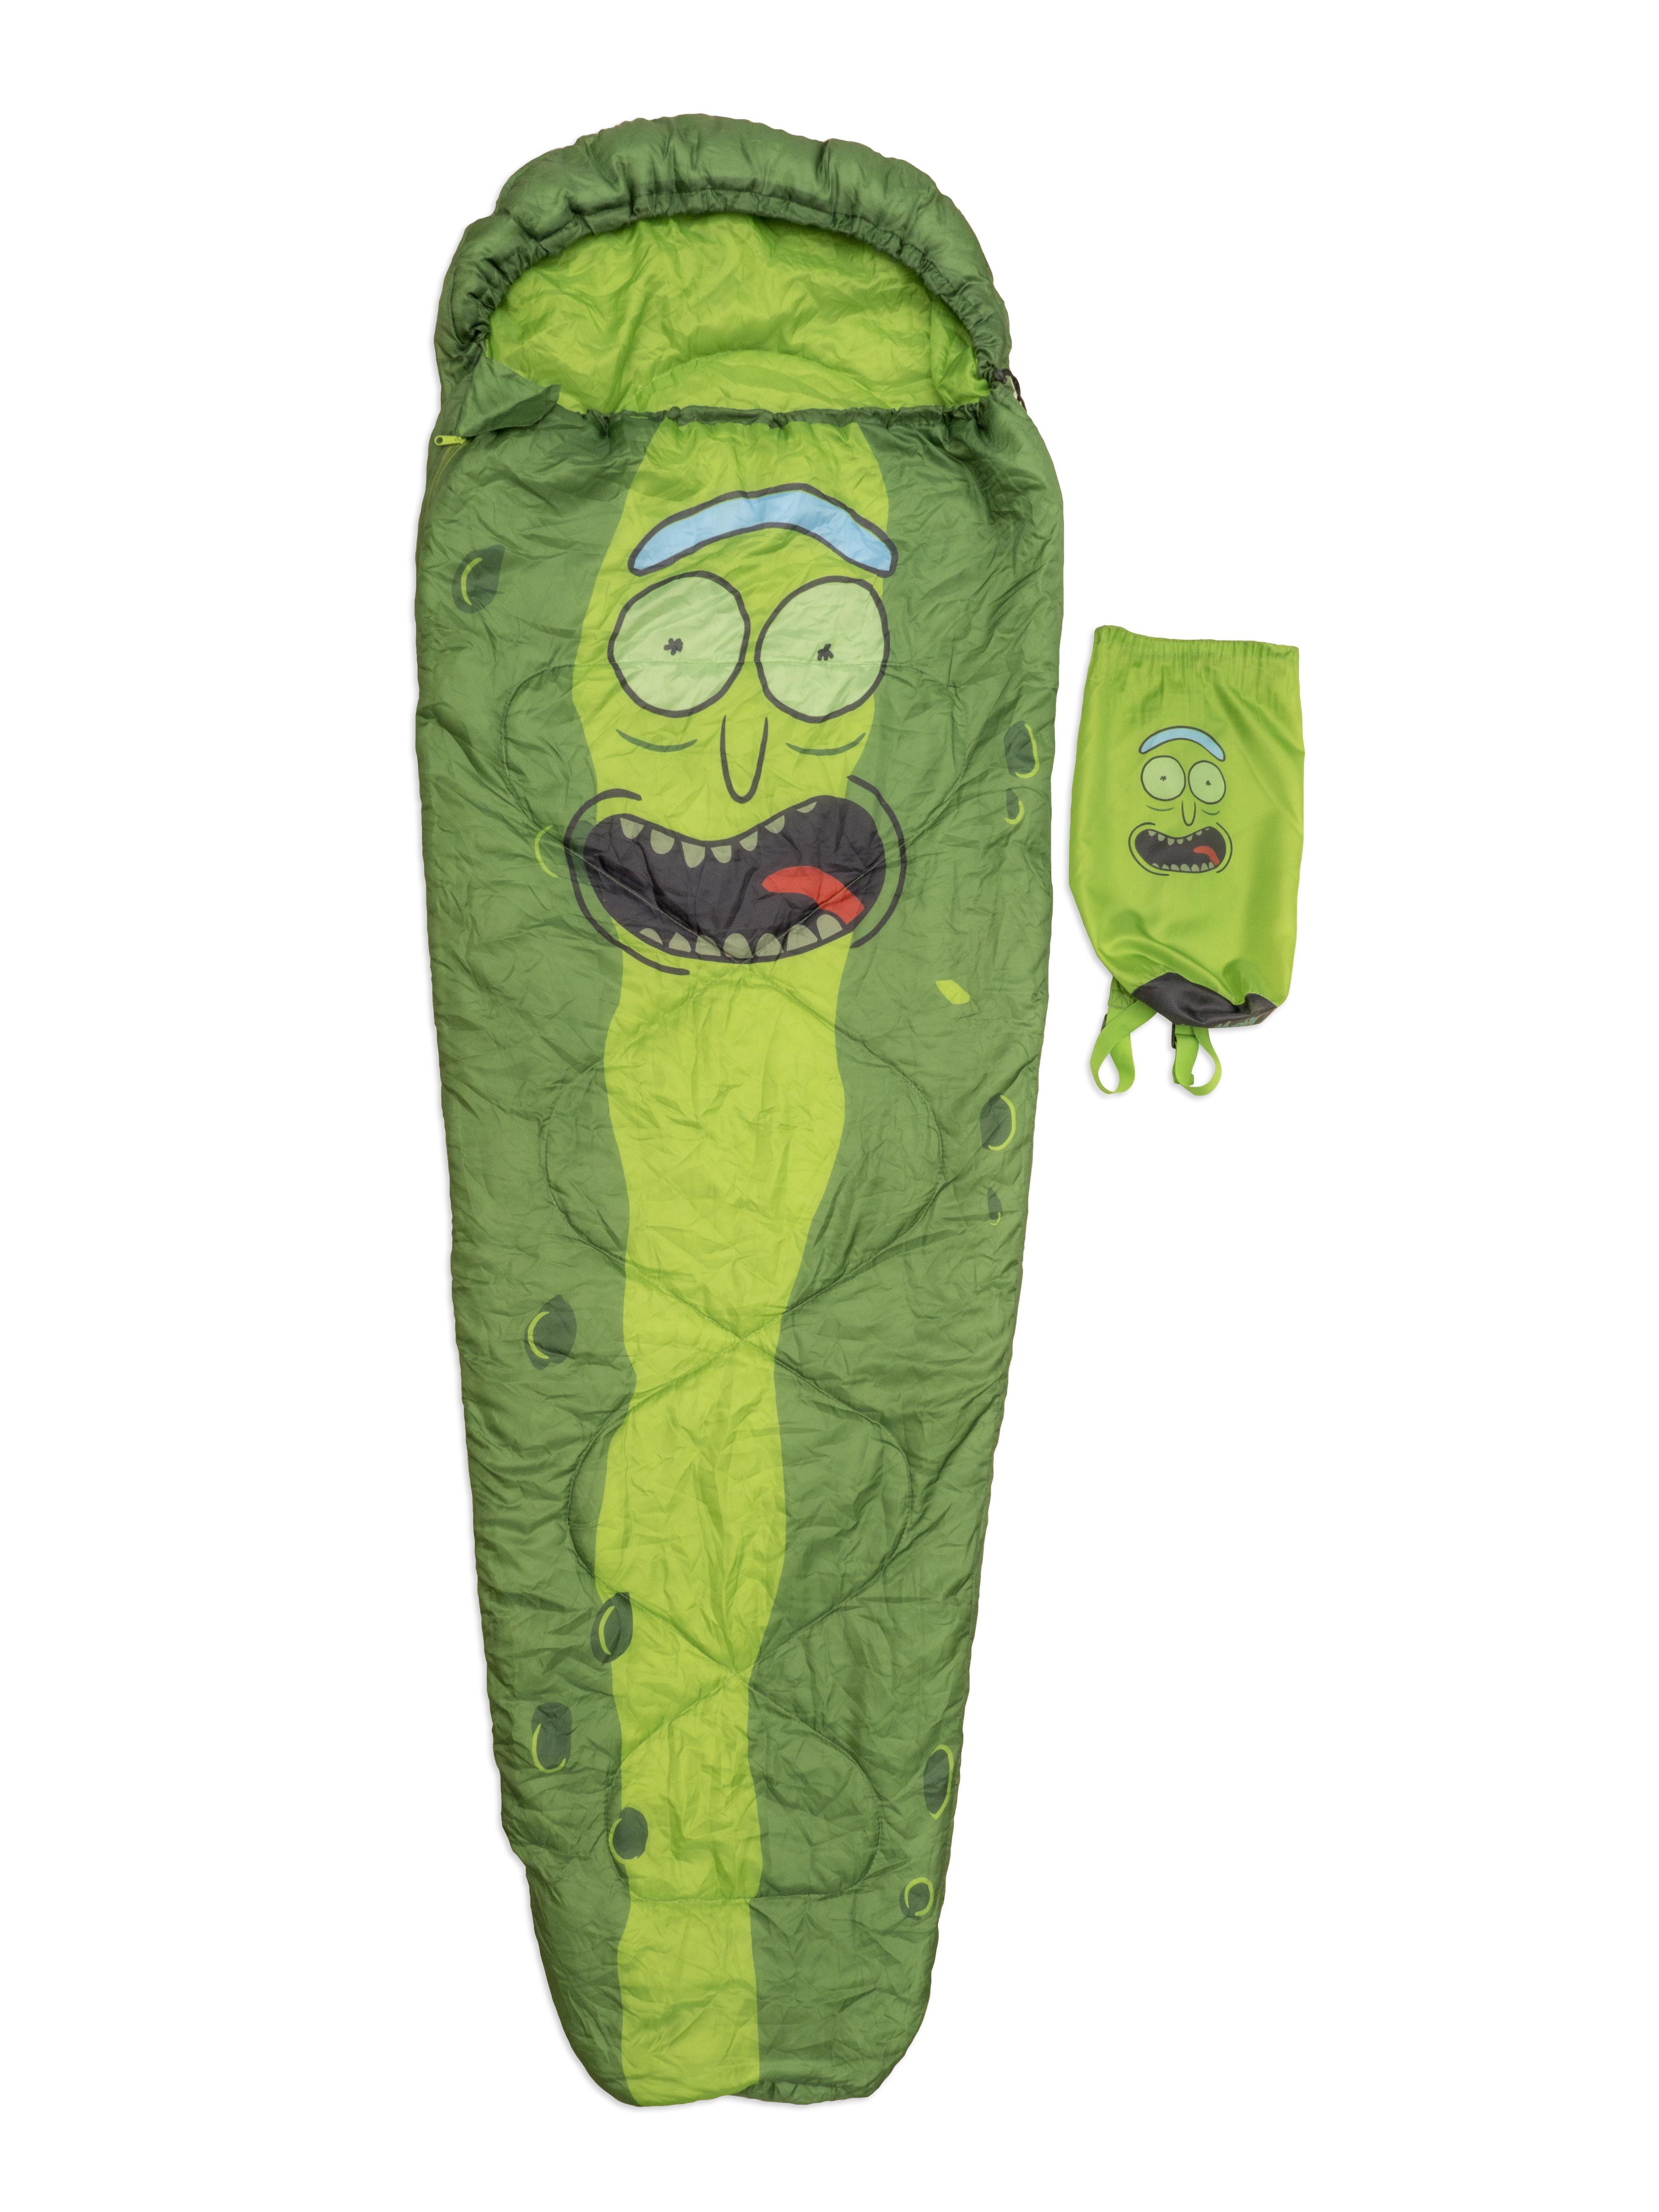 ksij_pickle_rick_sleeping_bag